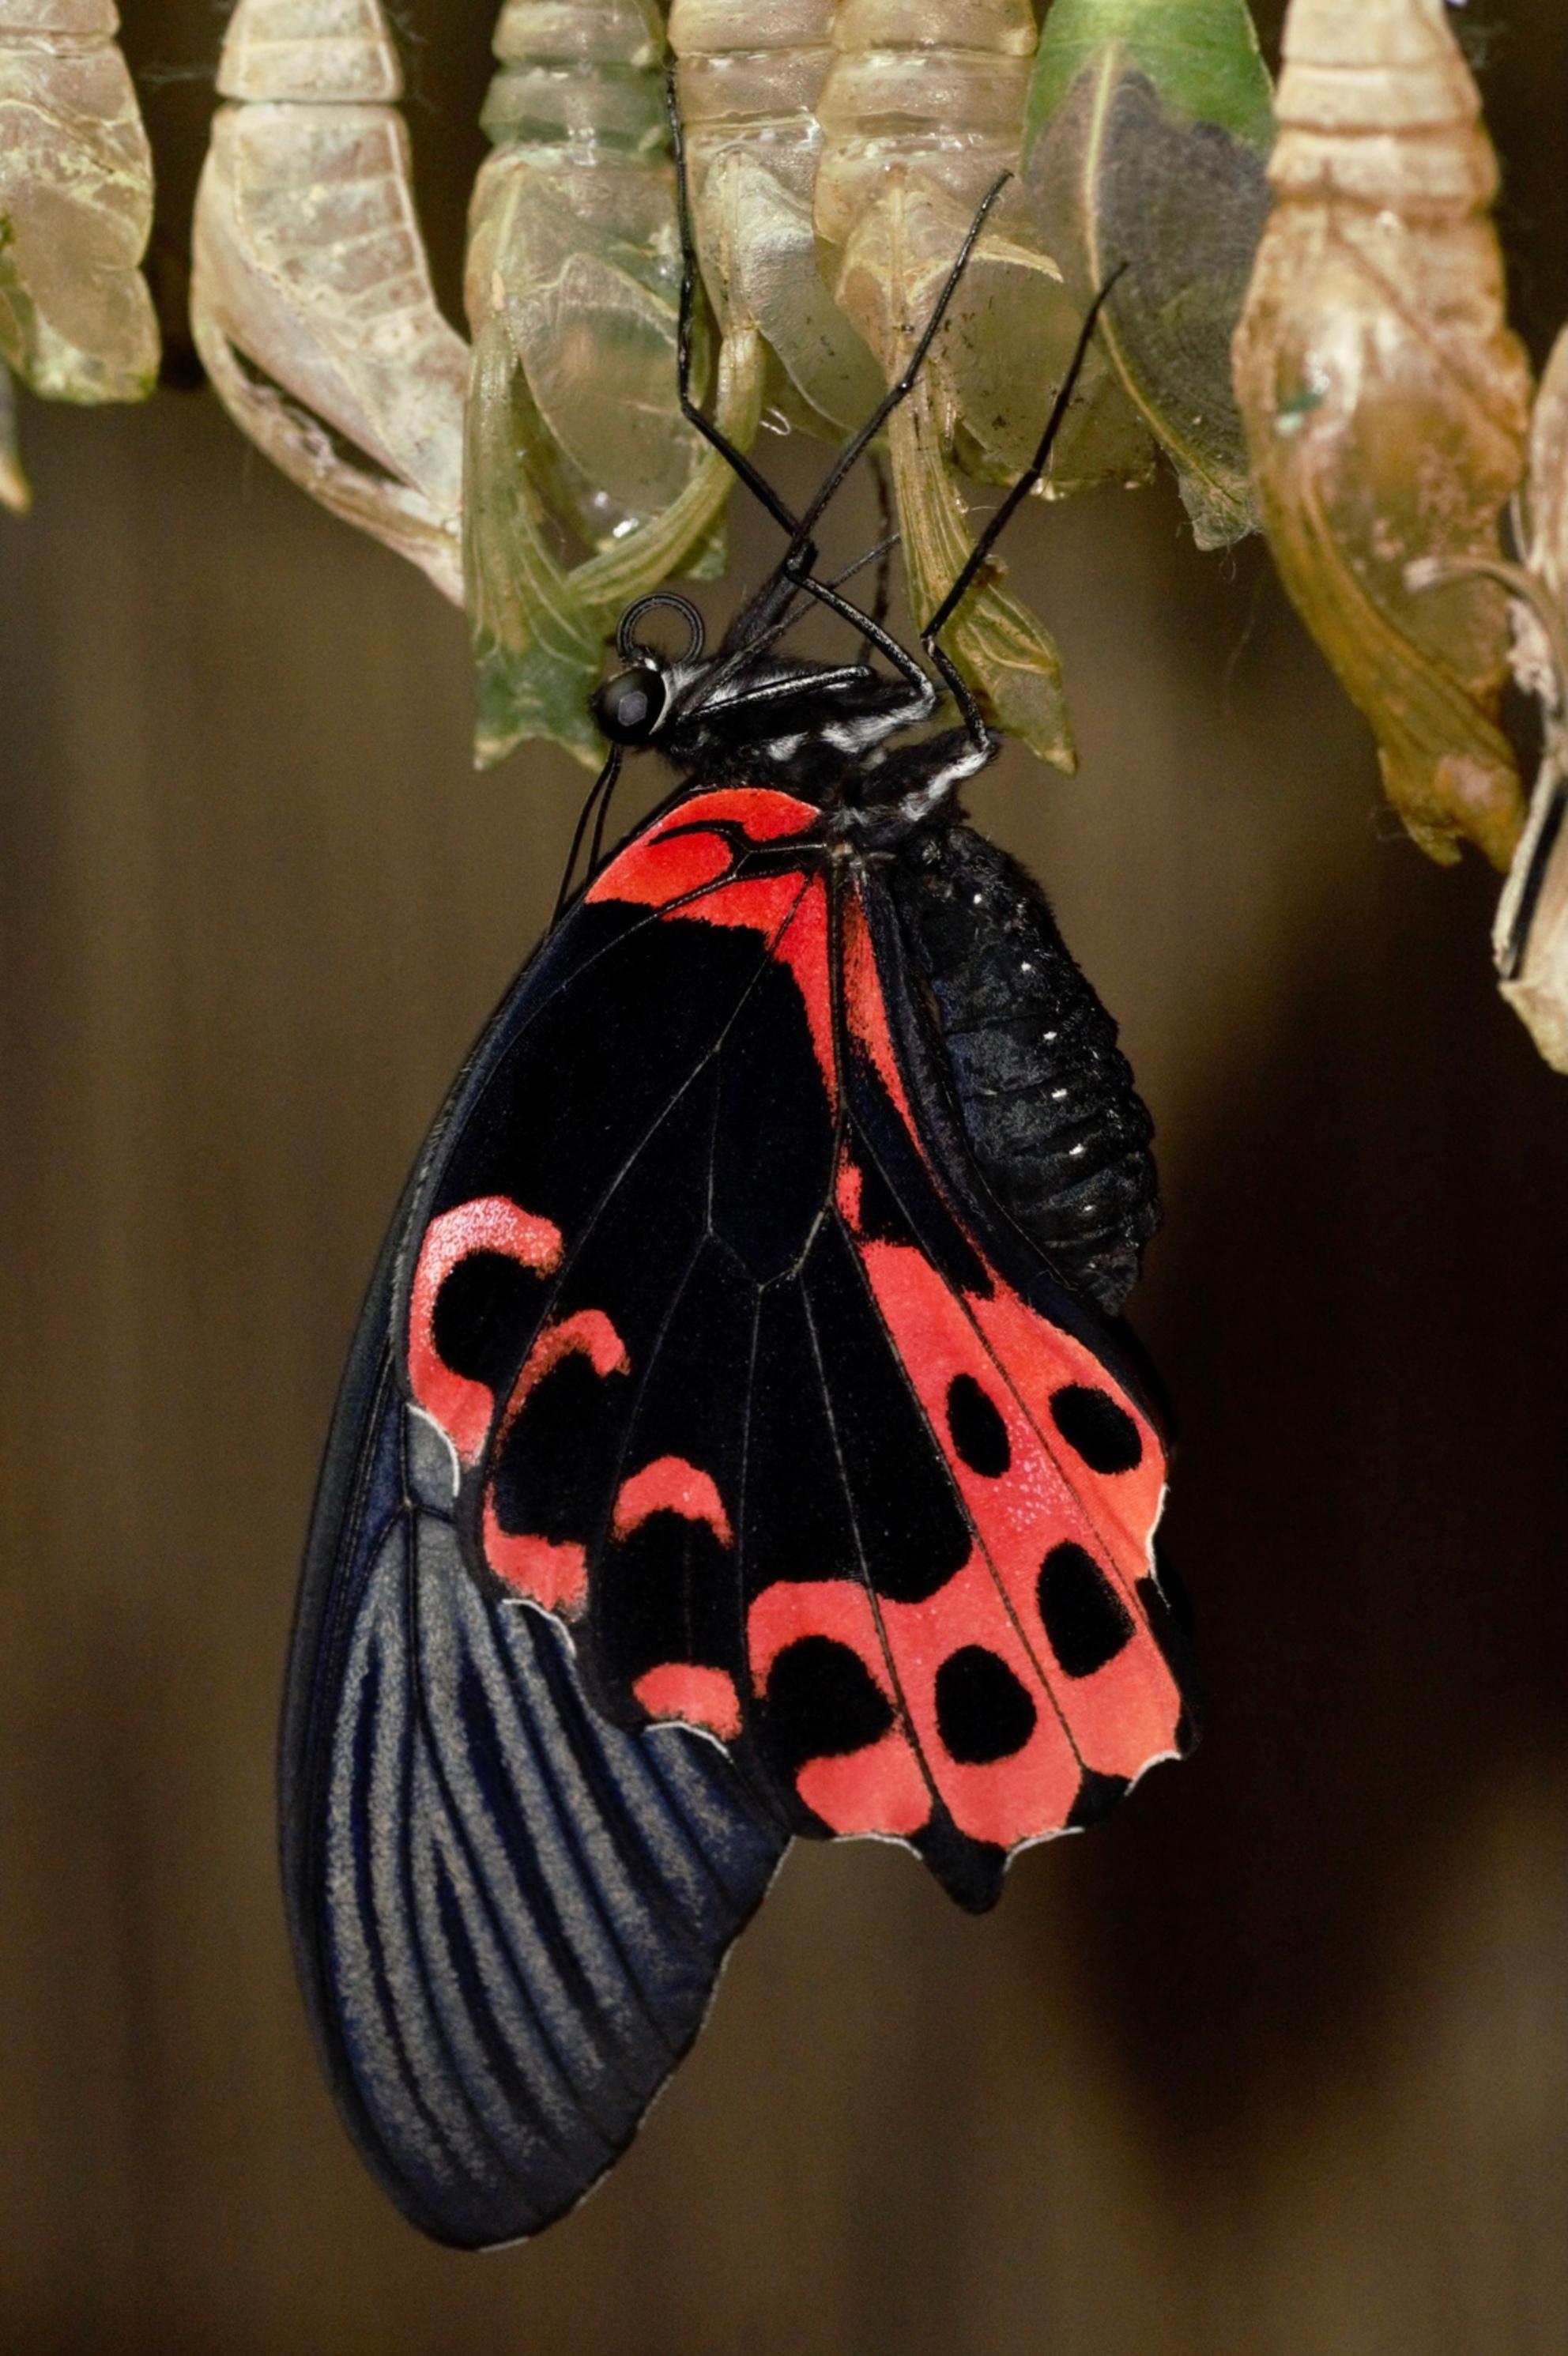 Klaar voor vertrek.... - En na het oppompen klaar voor vertrek.... - foto door PetraD1966 op 04-12-2020 - deze foto bevat: vlinder, vlindertuin - Deze foto mag gebruikt worden in een Zoom.nl publicatie